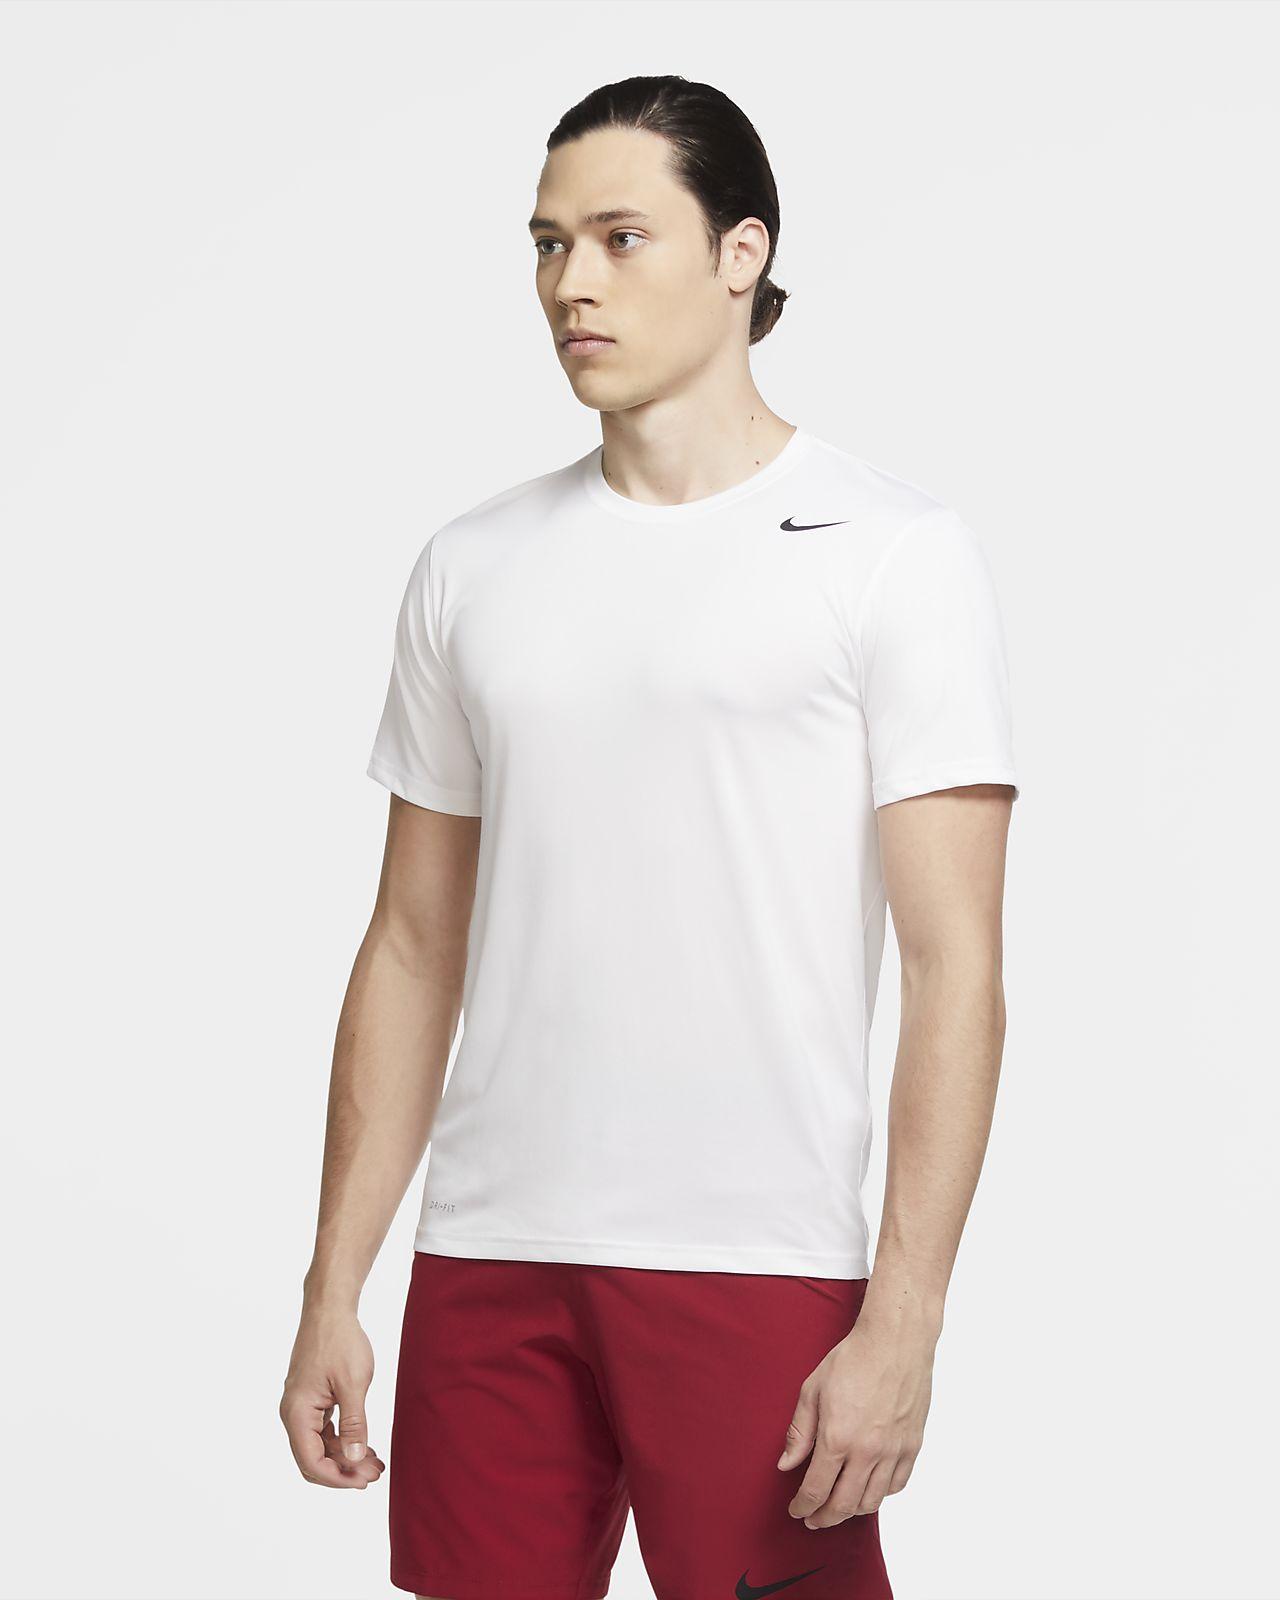 เสื้อยืดเทรนนิ่งผู้ชาย Nike Dri-FIT Legend